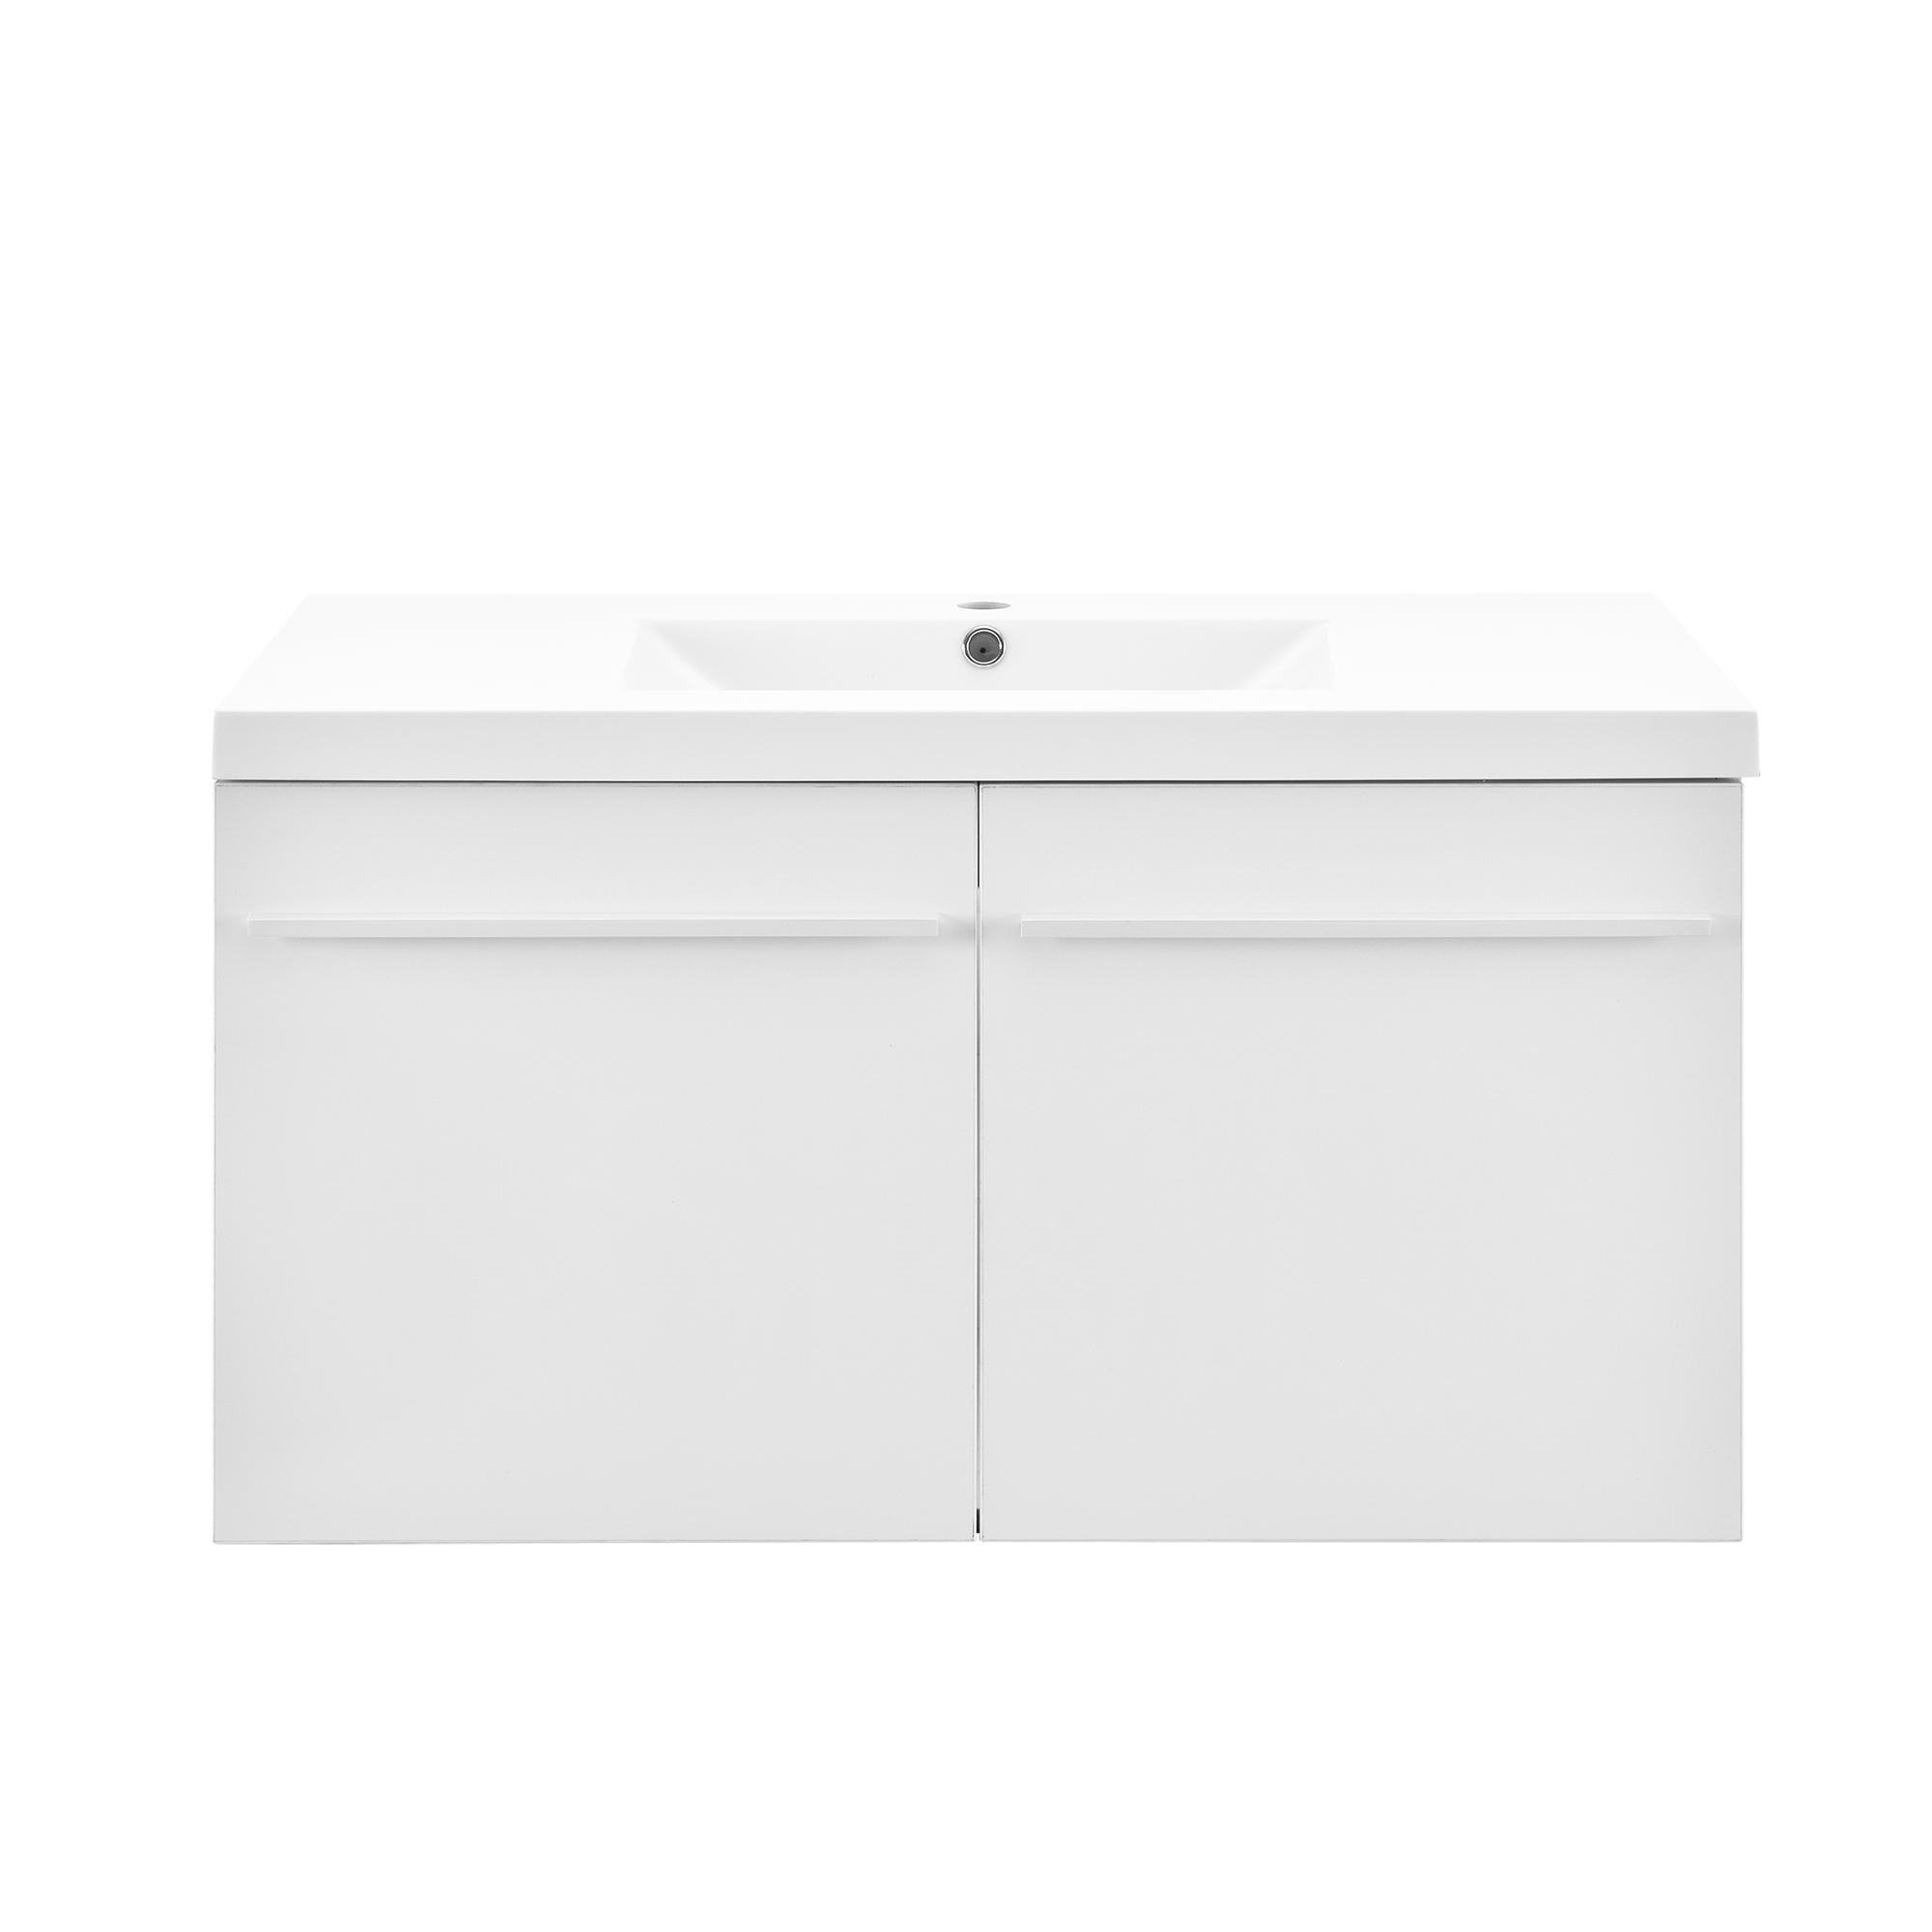 Armadio da bagno armadietto lavabo mobili for Armadio bagno bianco